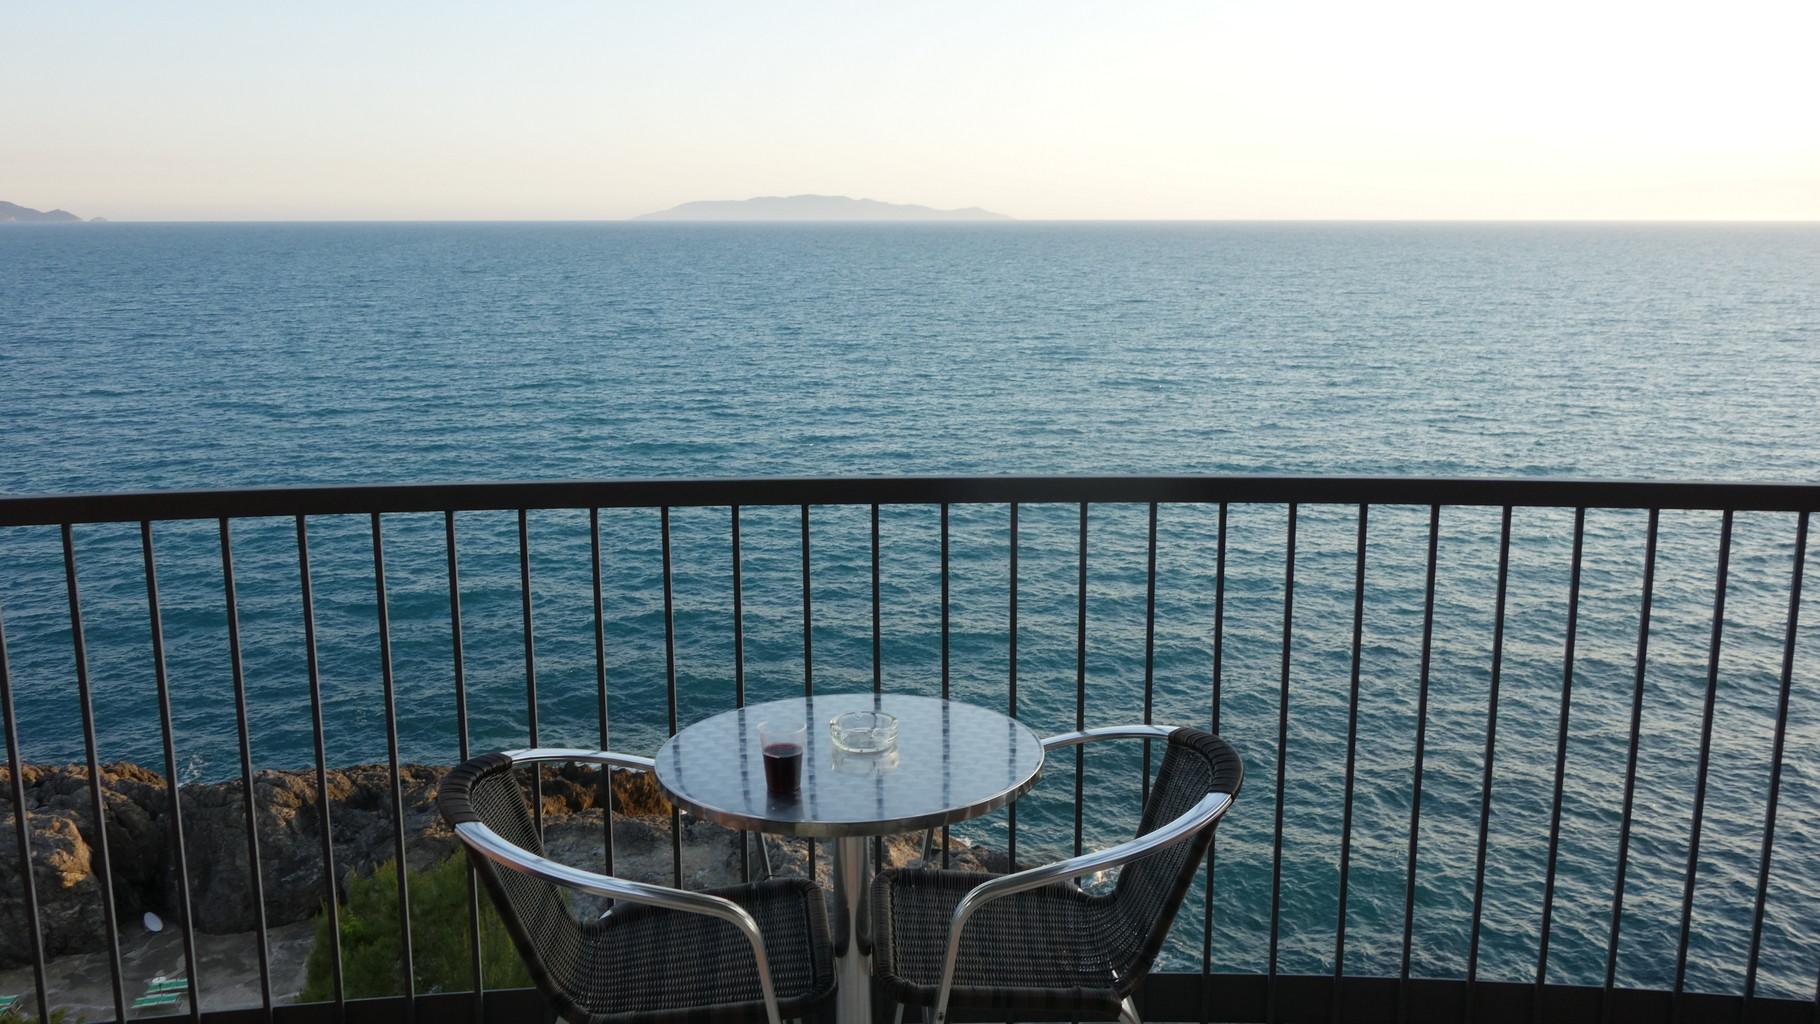 In Talamone gibt es ein Hotel mit diesem Ausblick aus jedem Zimmer.